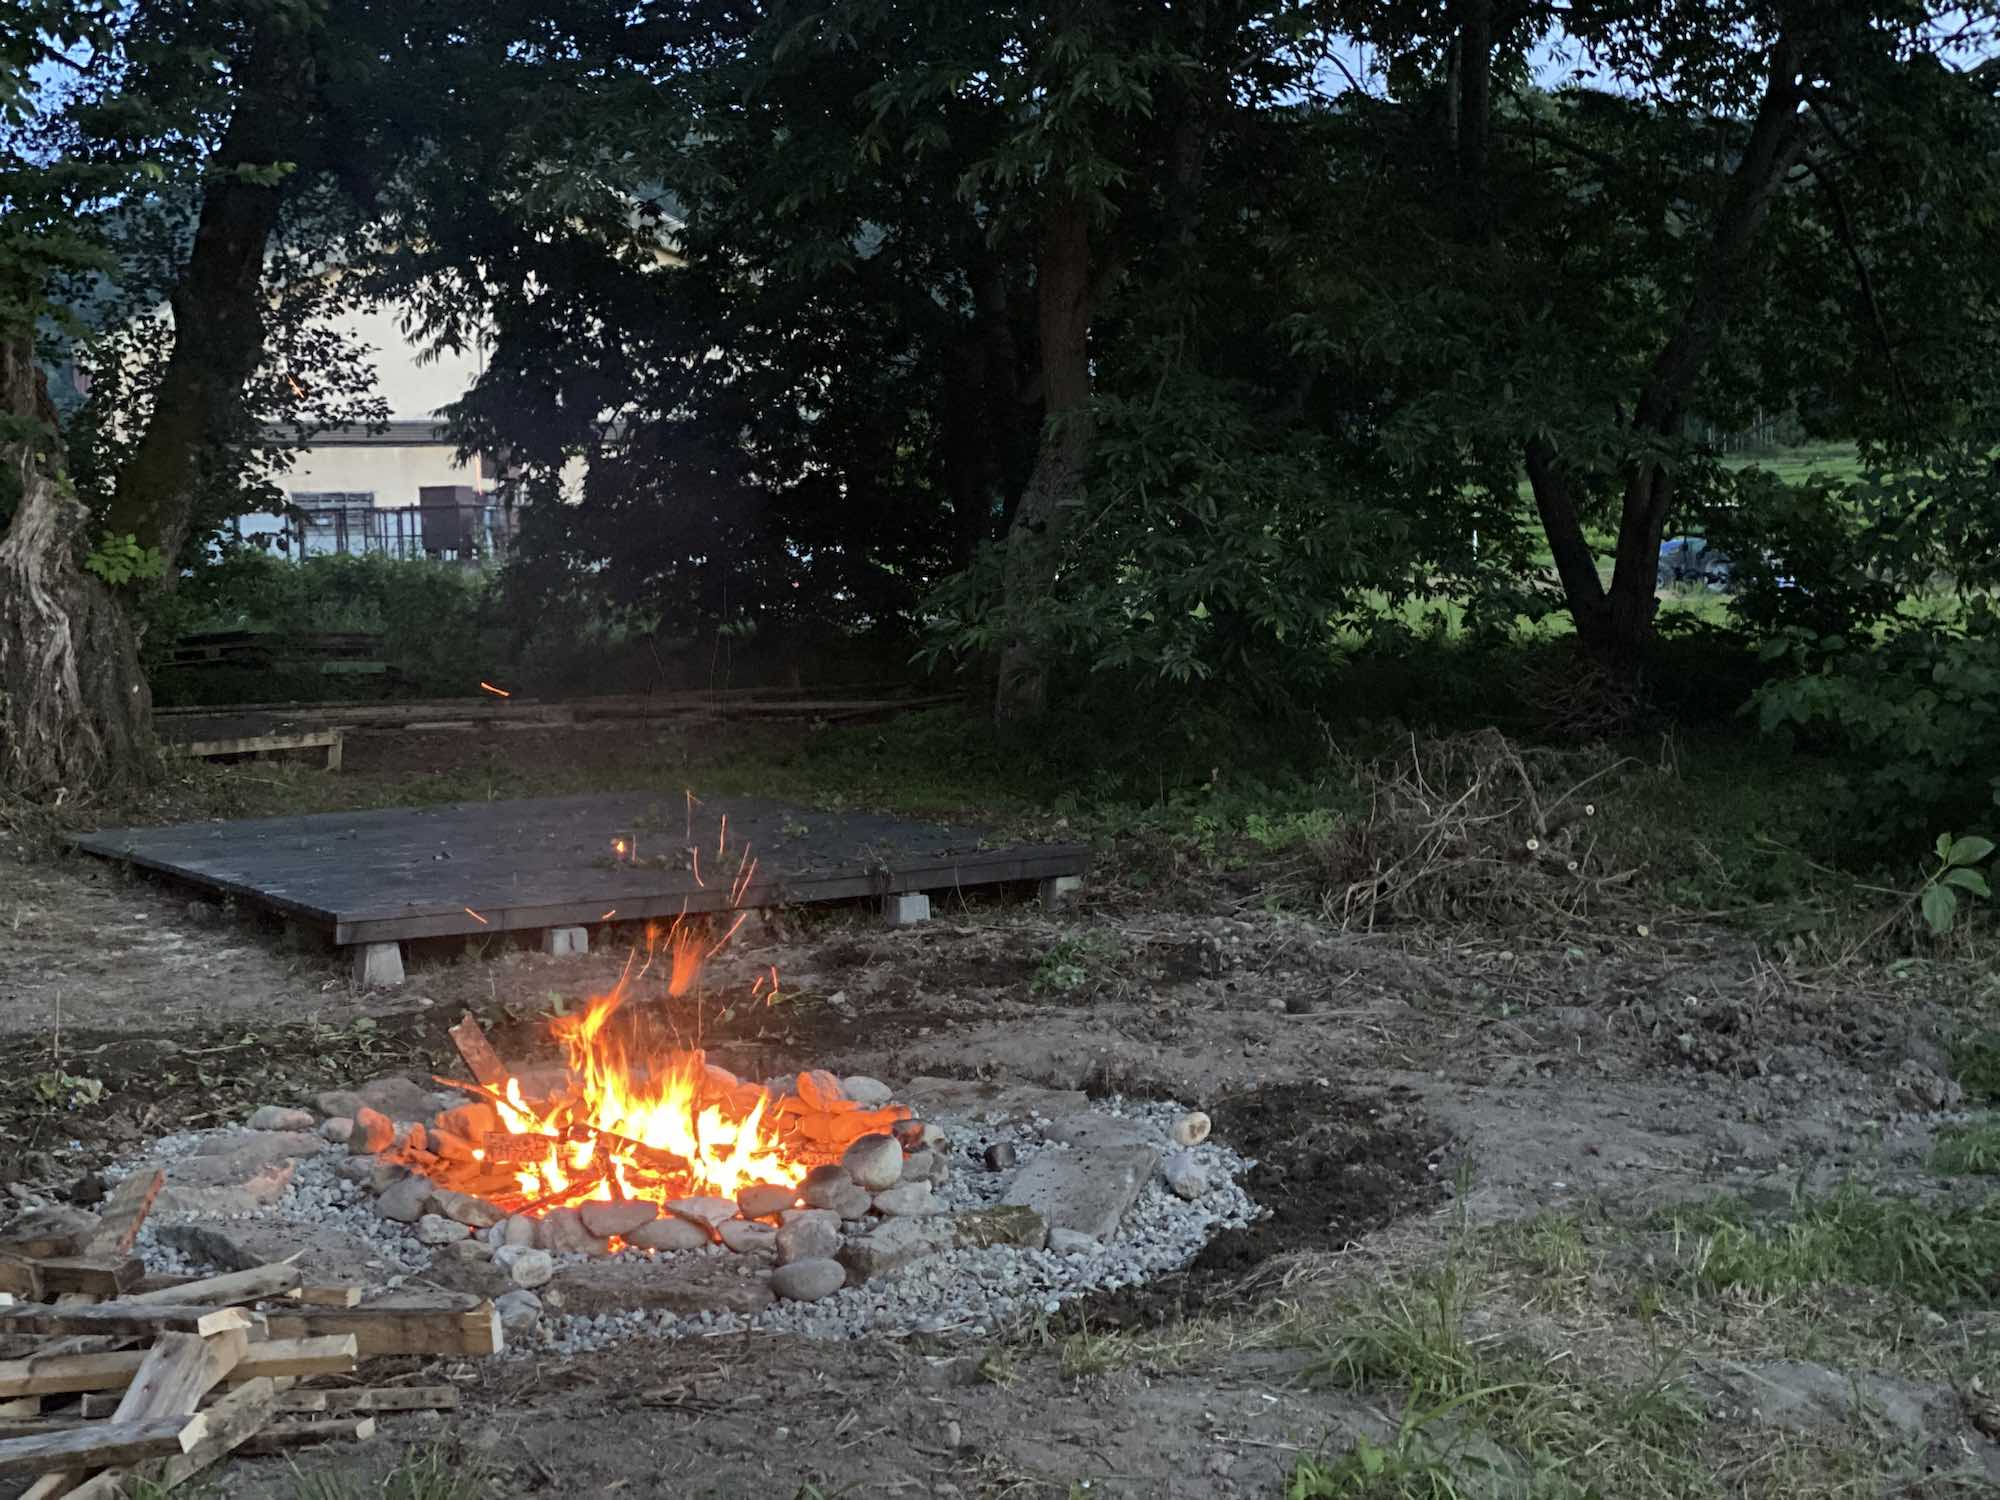 早速、ファイヤーピットで焚き火ができるか実験!